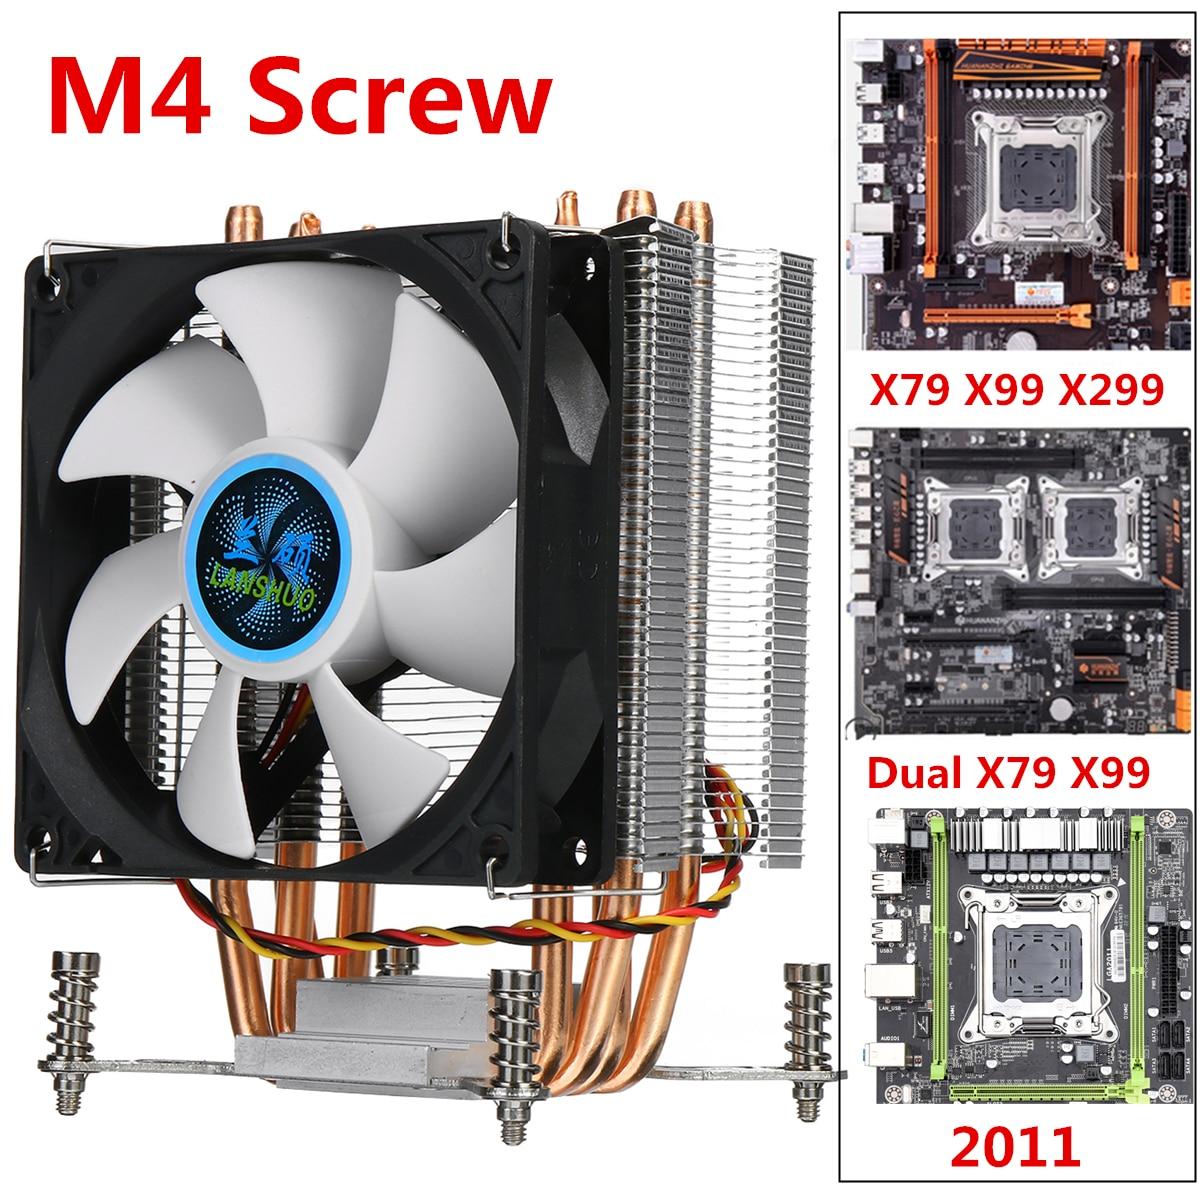 4 медный радиатор охлаждающий вентилятор для процессора 90 мм 3Pin охлаждающий вентилятор для процессора радиатор охлаждения для Intel LGA 2011 X79 X99 ...